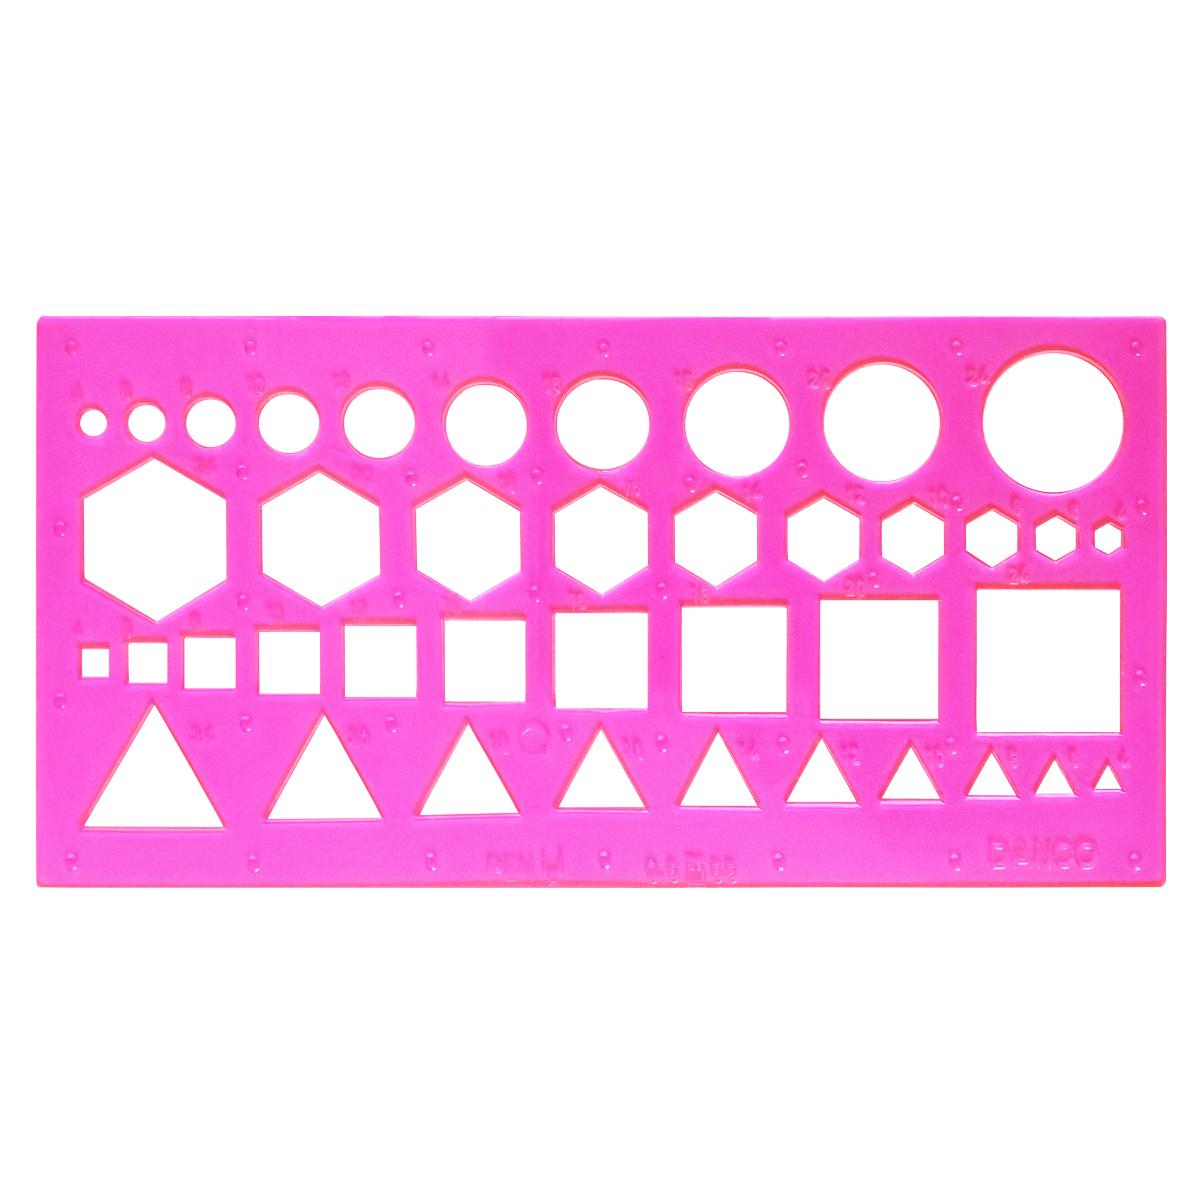 شابلون دانکو طرح اشکال هندسی کد GS1